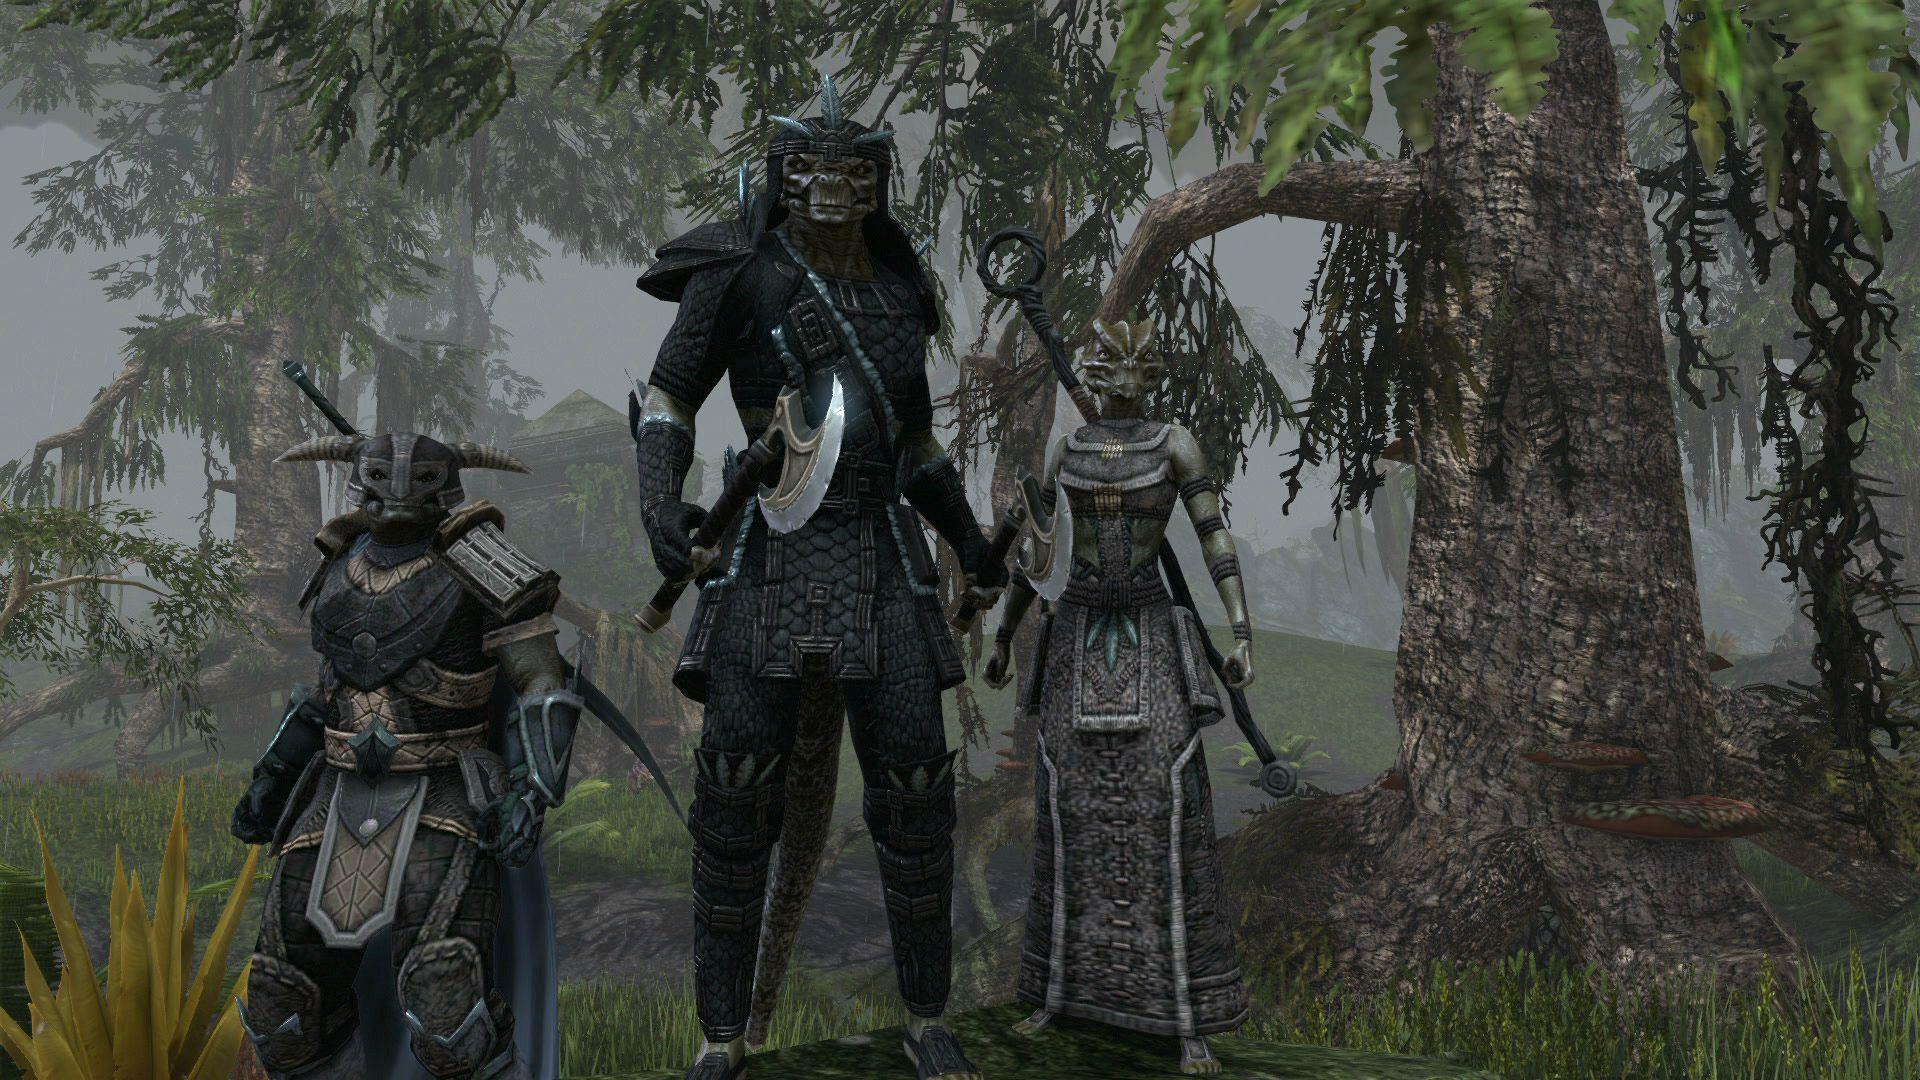 El nuevo trailer CGI de The Elder Scrolls Online esta para chuparse los dedos [Video]